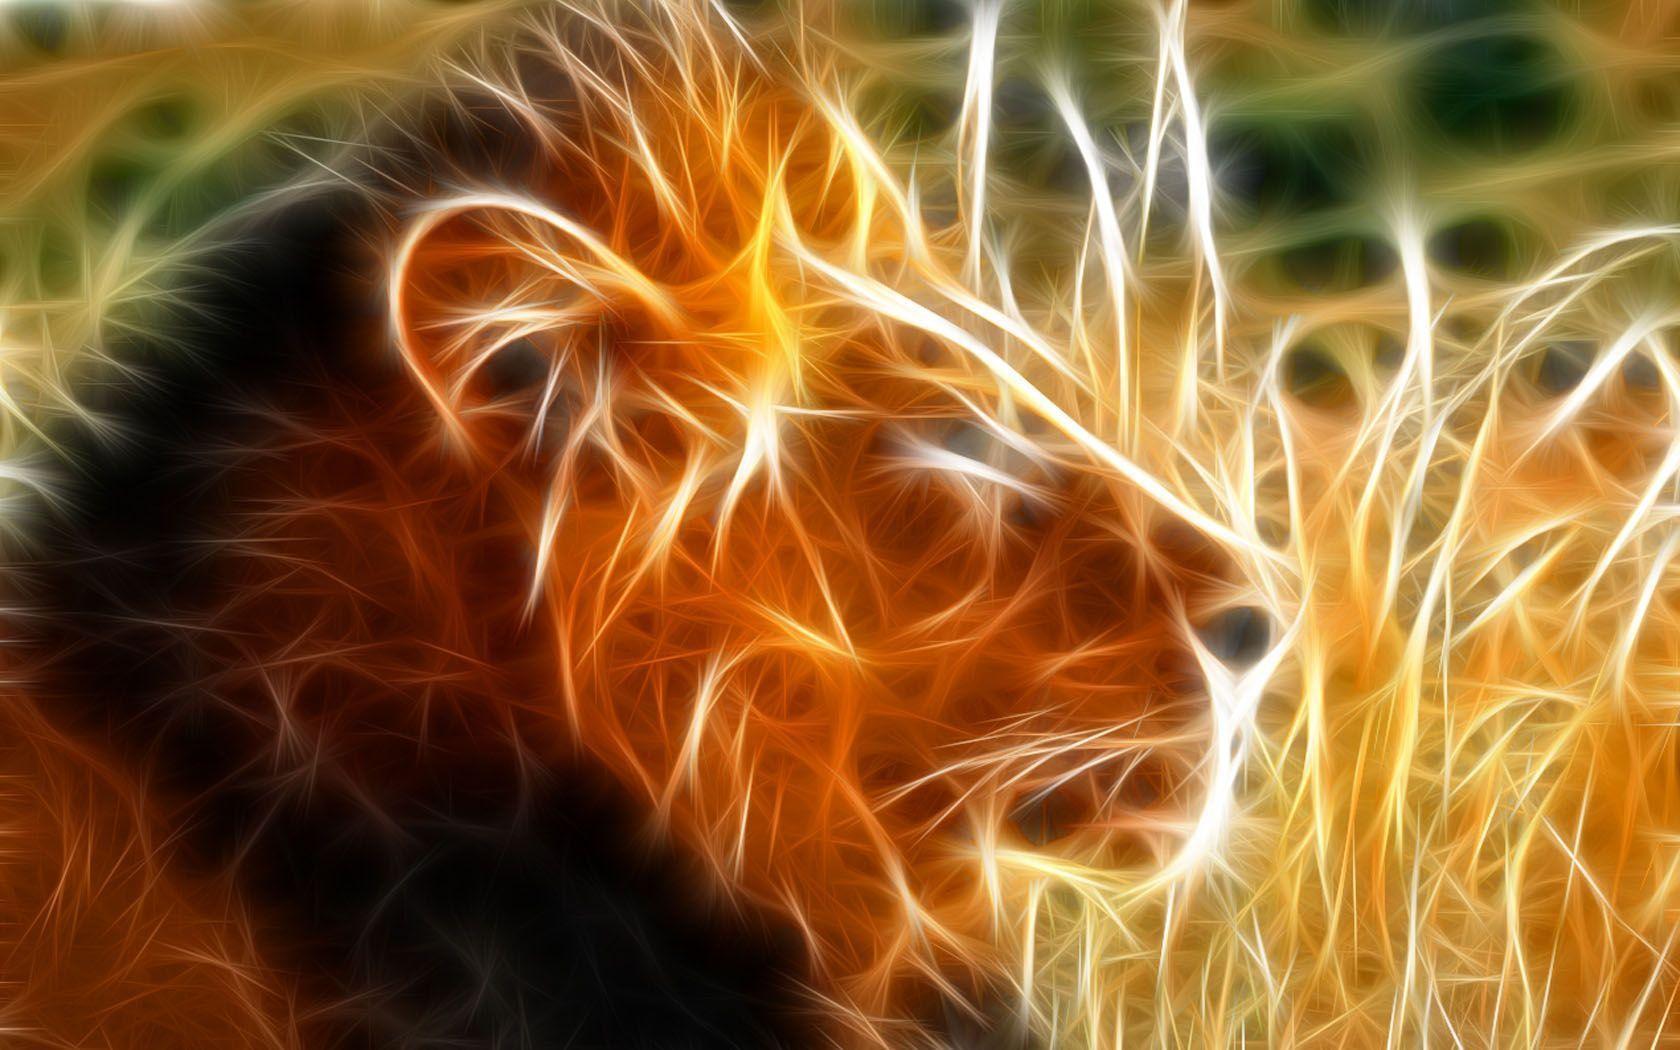 Hình ảnh 3D cung Sư Tử đẹp nhất